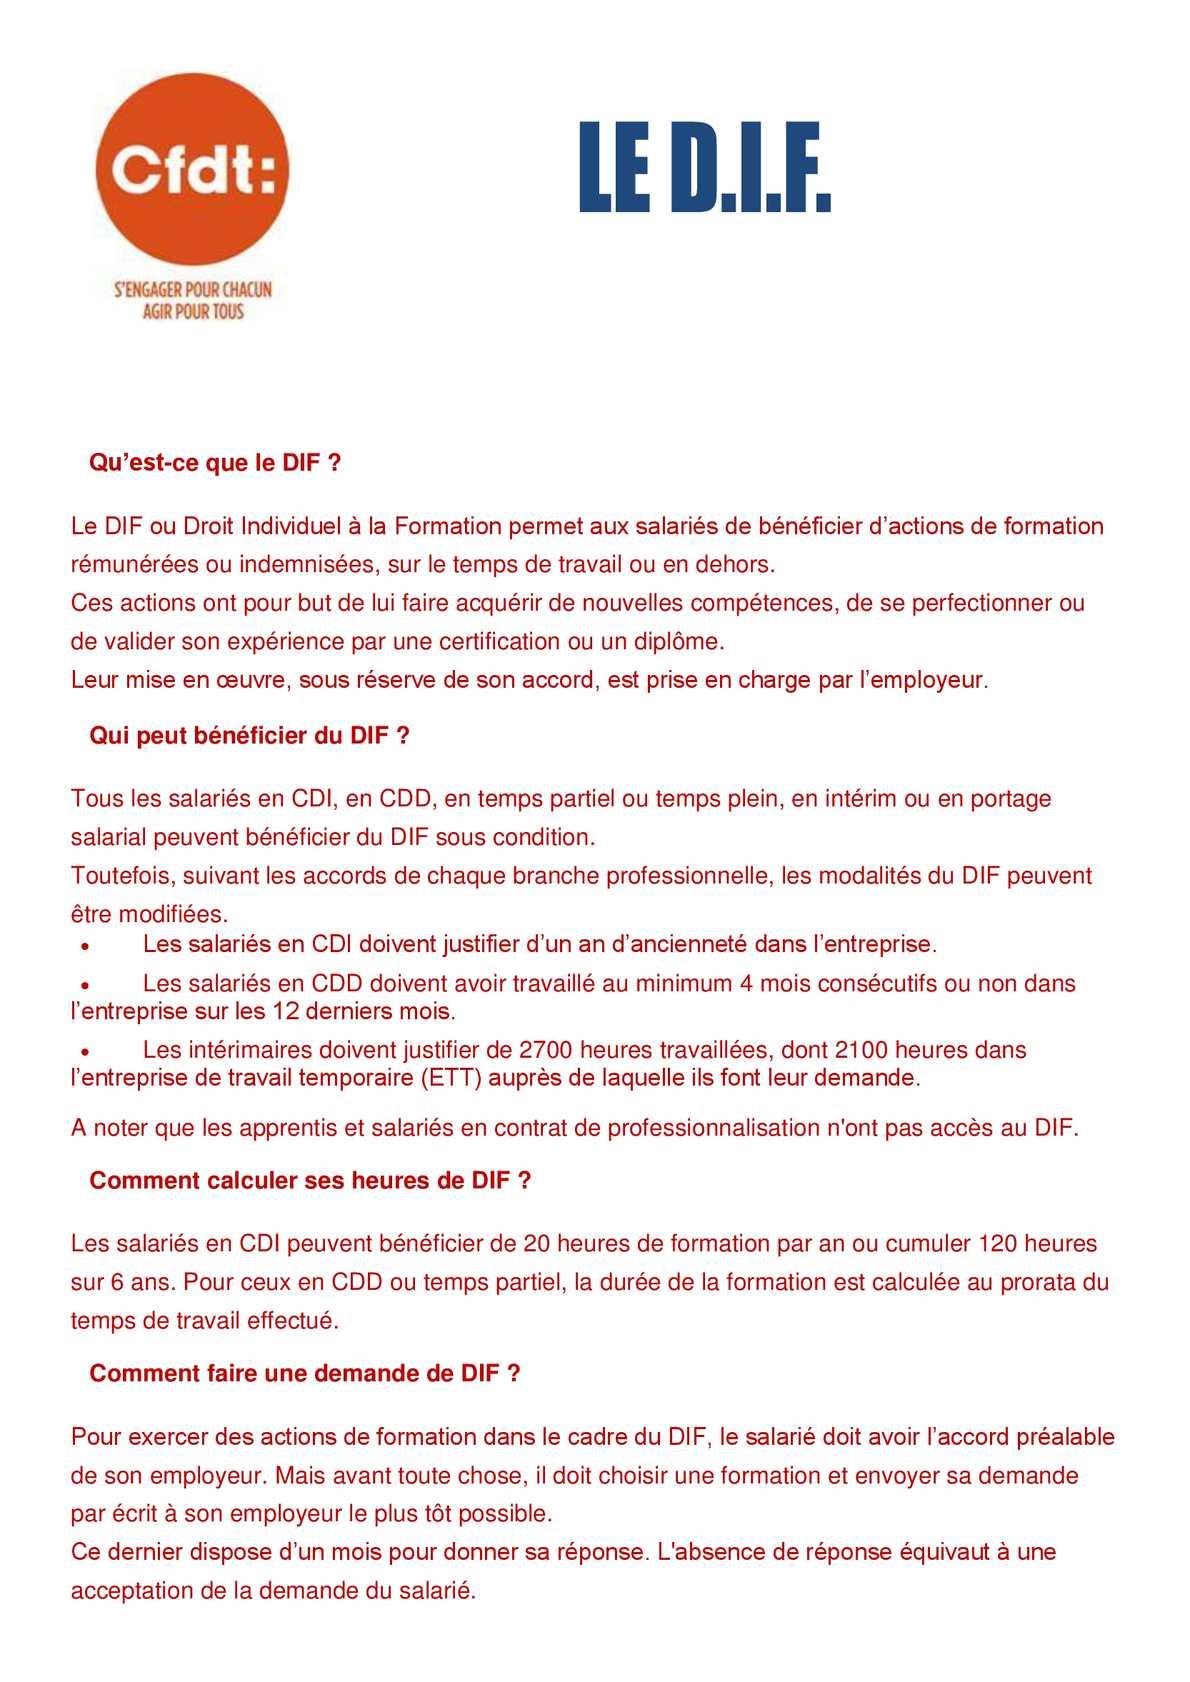 2fdc1e97e58 Calaméo - FAQ sur le DIF (Droit Indiduel à la Formation)